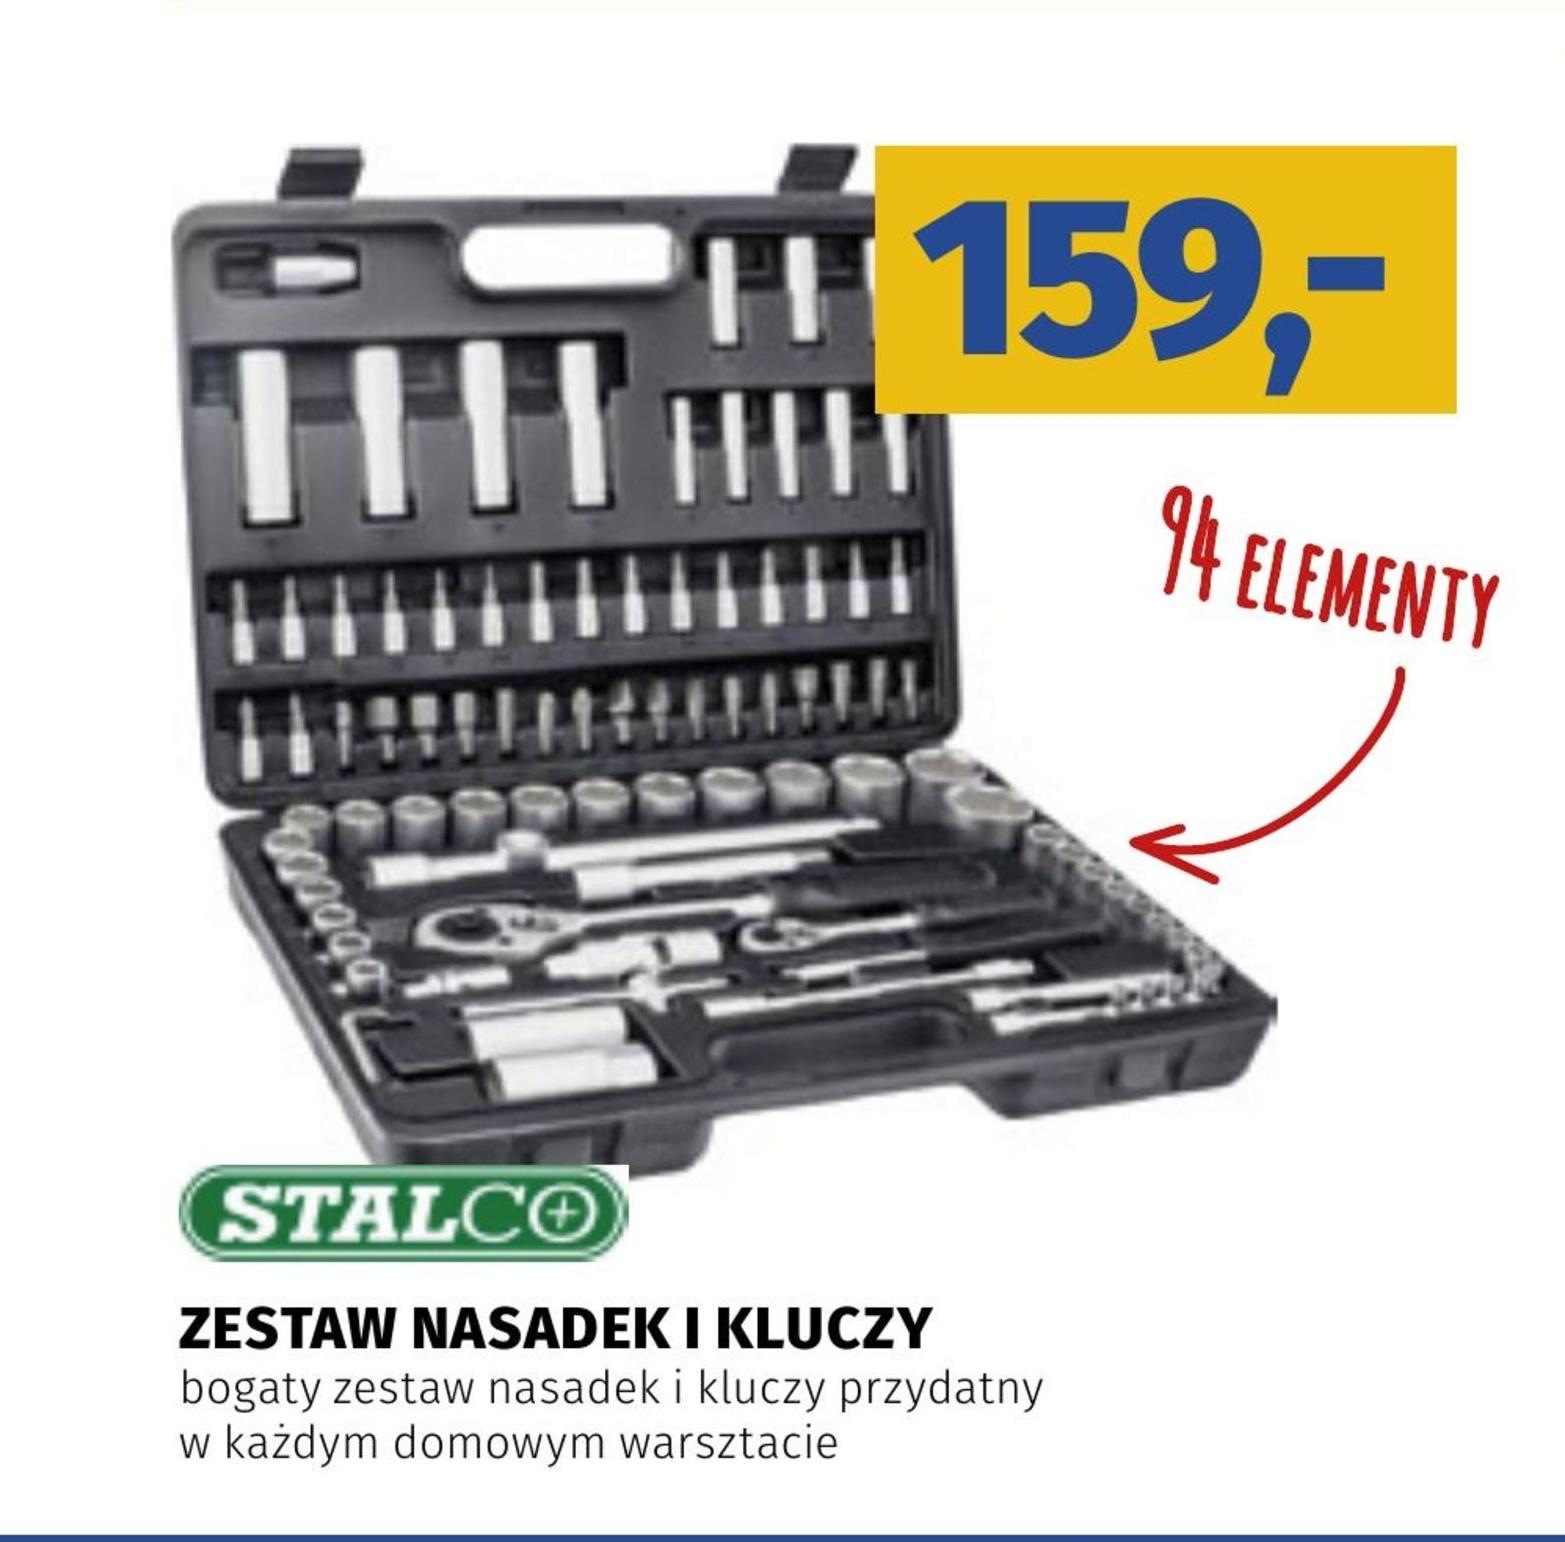 Zestaw kluczy nasadowych Stalco niska cena